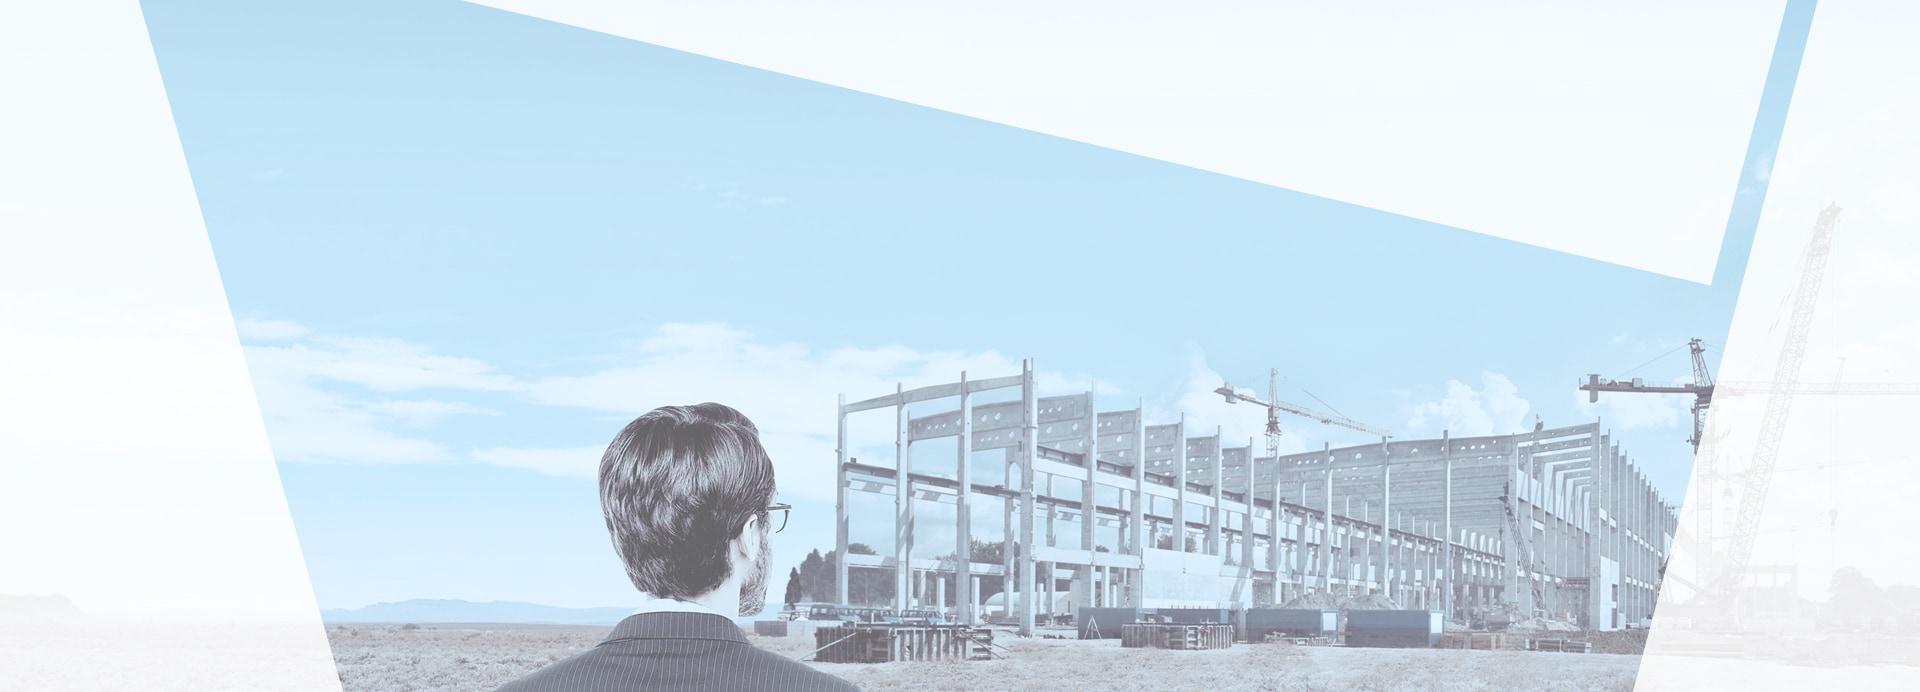 Keßler Solutions - Imagemotiv Baustelle